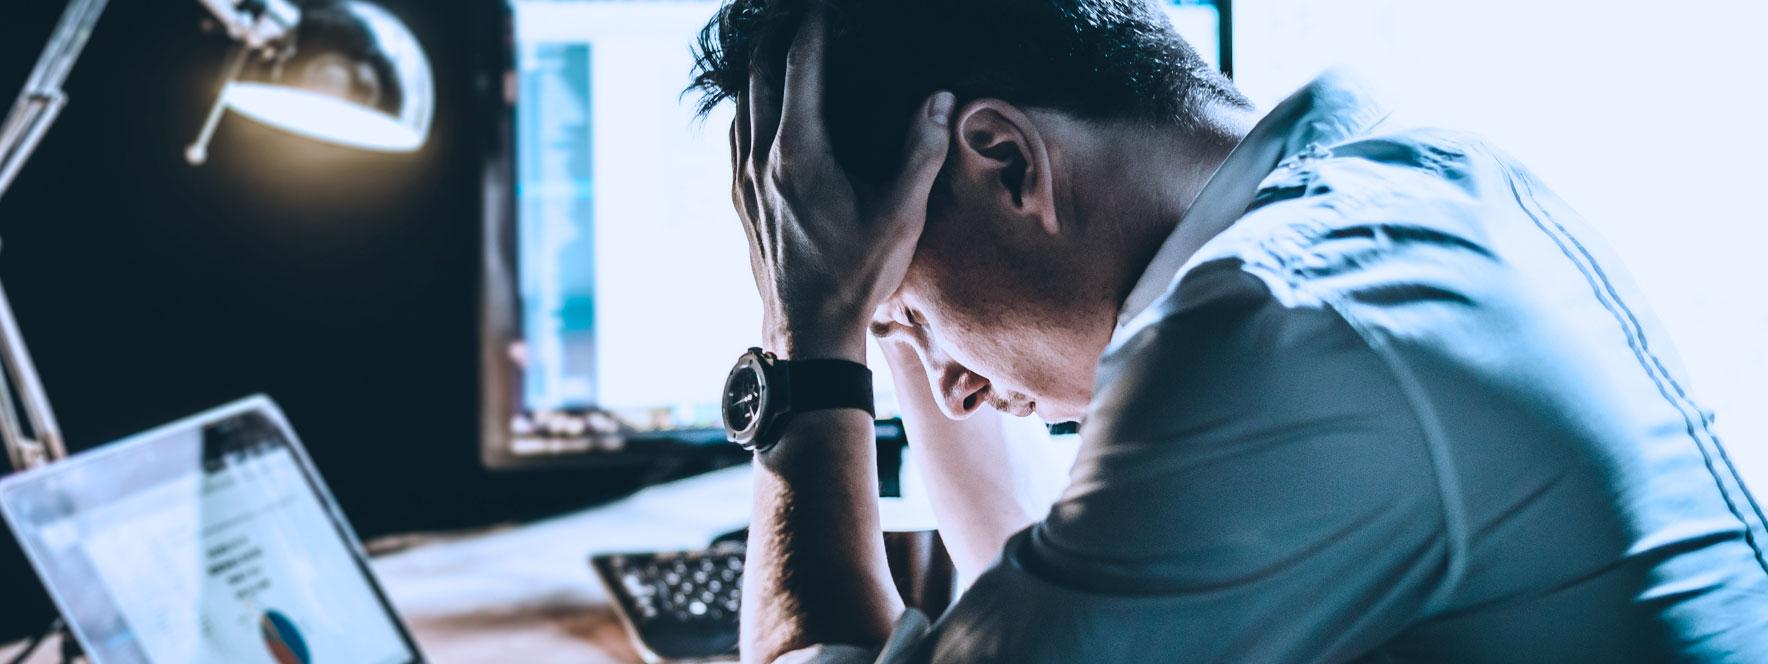 Stress et anxiété - Blogue du Réseau